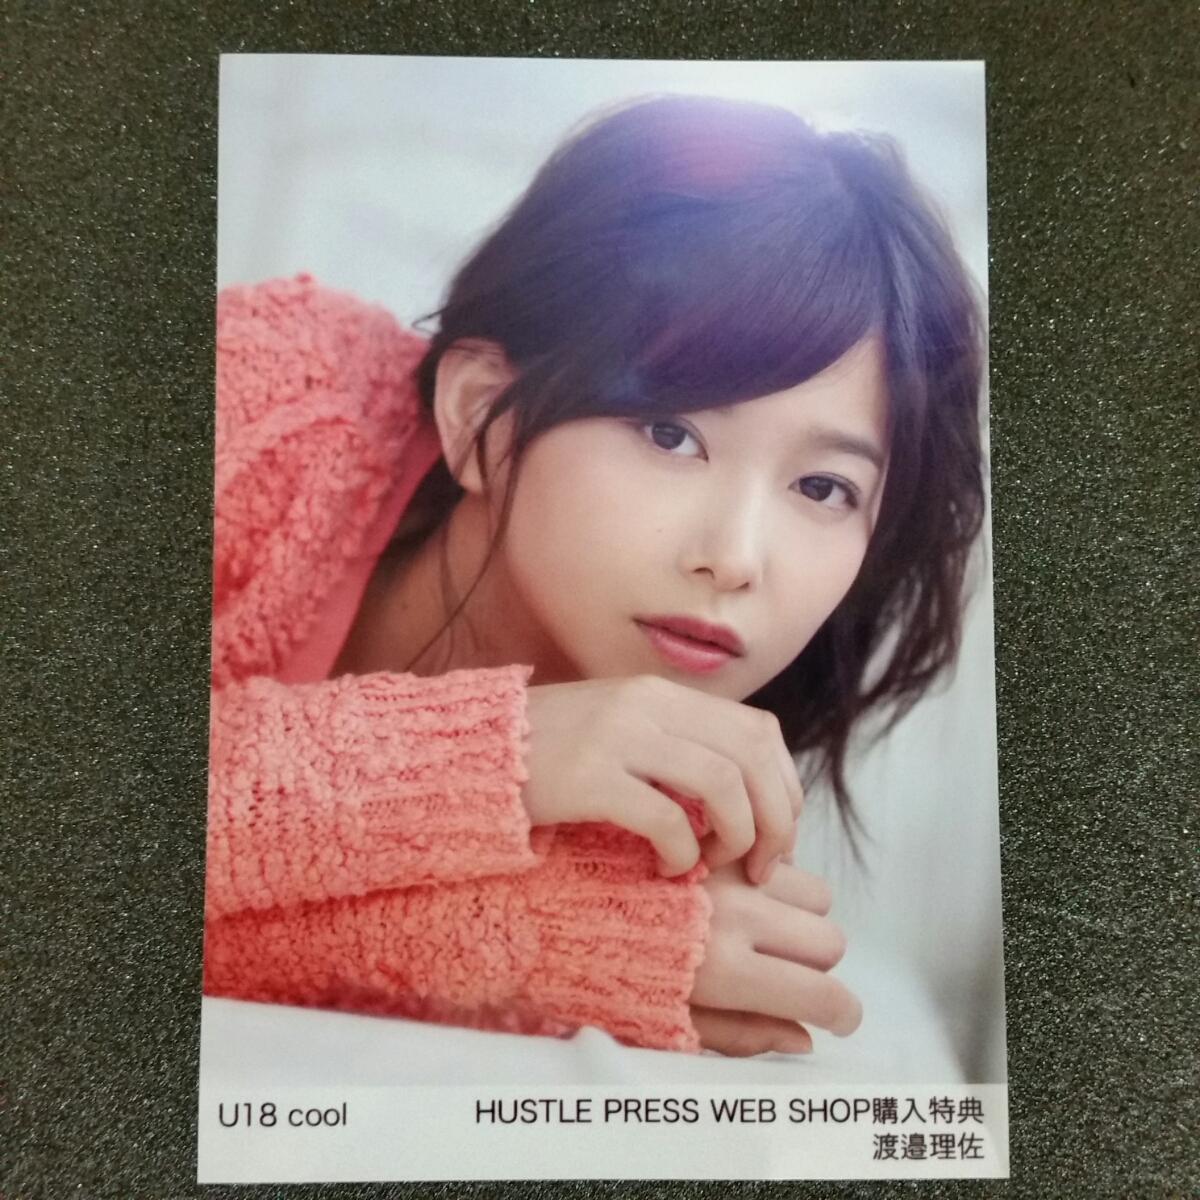 U18 cool WEB SHOP購入特典 生写真 欅坂46 渡邉理佐 HUSTLE PRESS ハッスルプレス